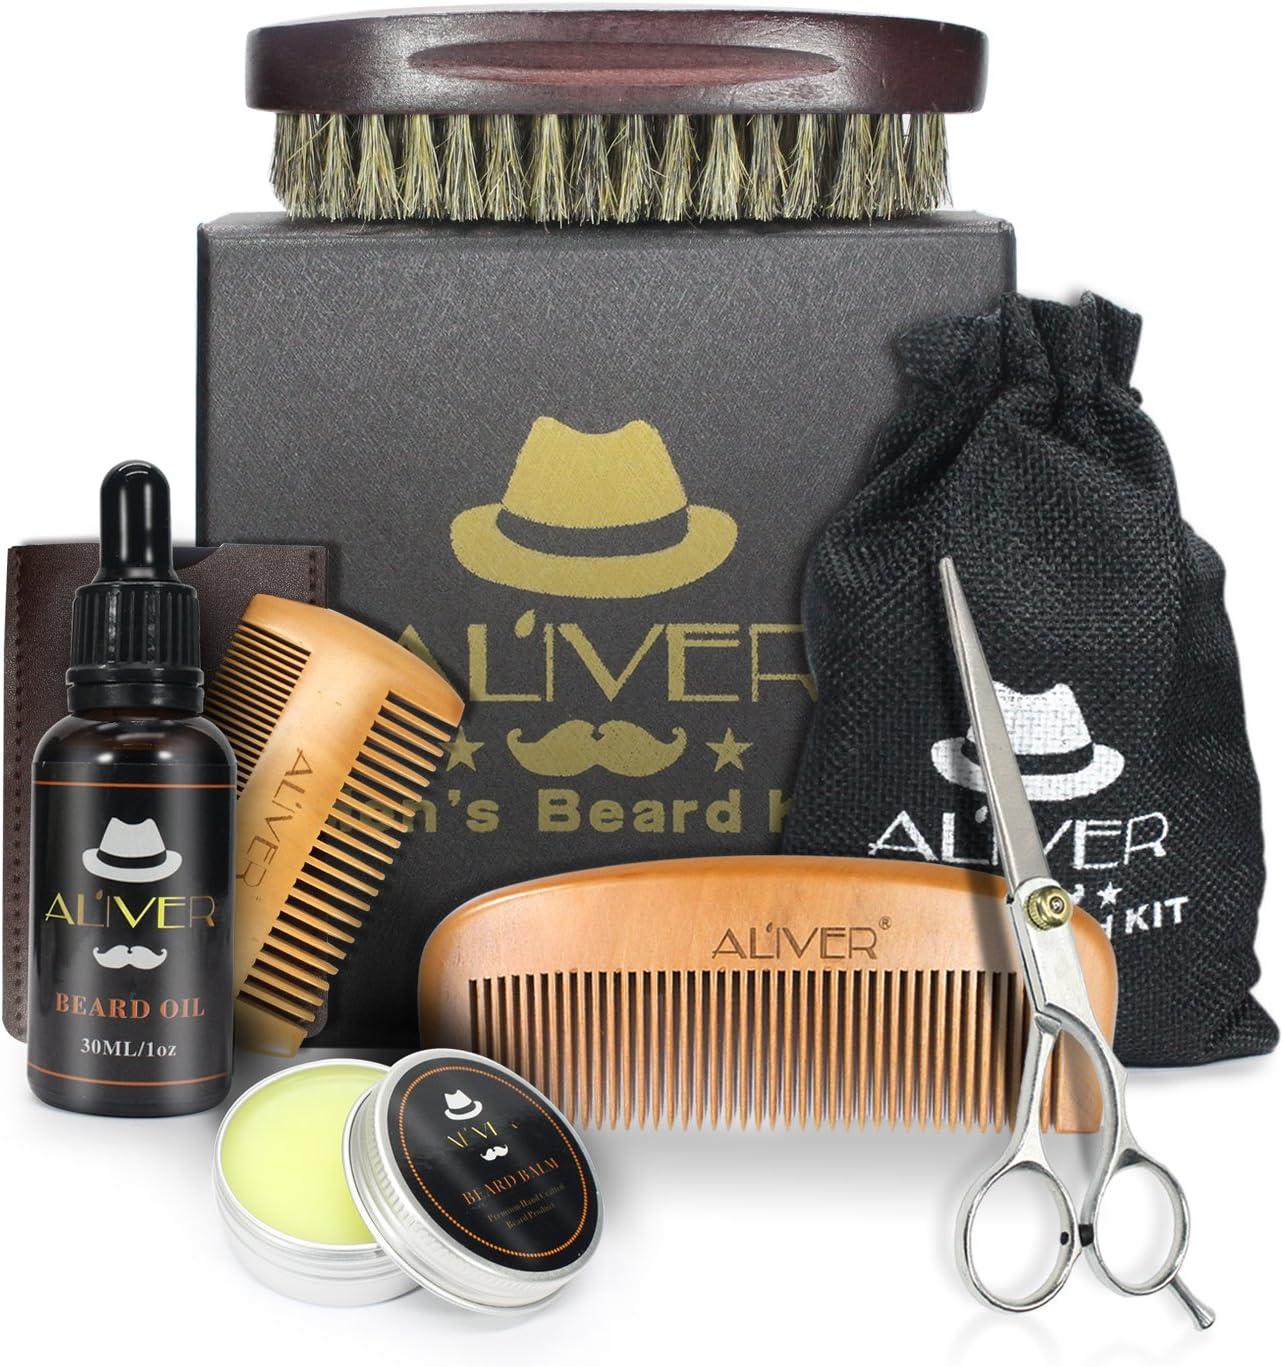 Kit de cuidado de la barba con el cepillo de barba,Peine de barba,Aceite de barba ecológico (30 ml),Bálsamo de bigote (30 g),Tijeras de barba para hombres estilo modelado y crecimiento.